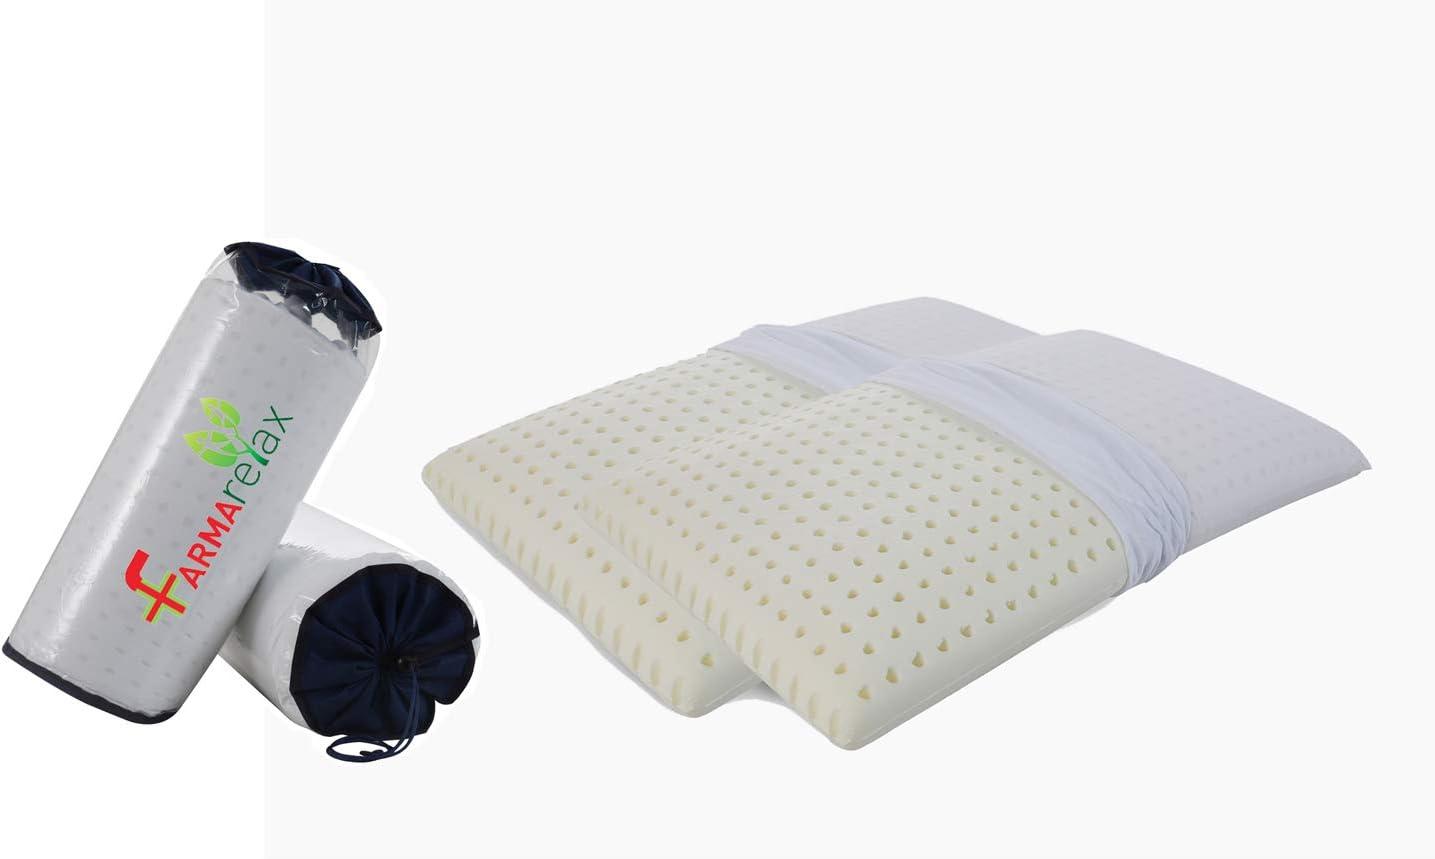 Cuscino Doppia onda,100/%memory foam ortpedico fodera con zip in cotone BIO cervicale Fori anti umidit/à mal di collo fresco h12cm DISPOSITIVO MEDICO CE,43x60cm Farmarelax